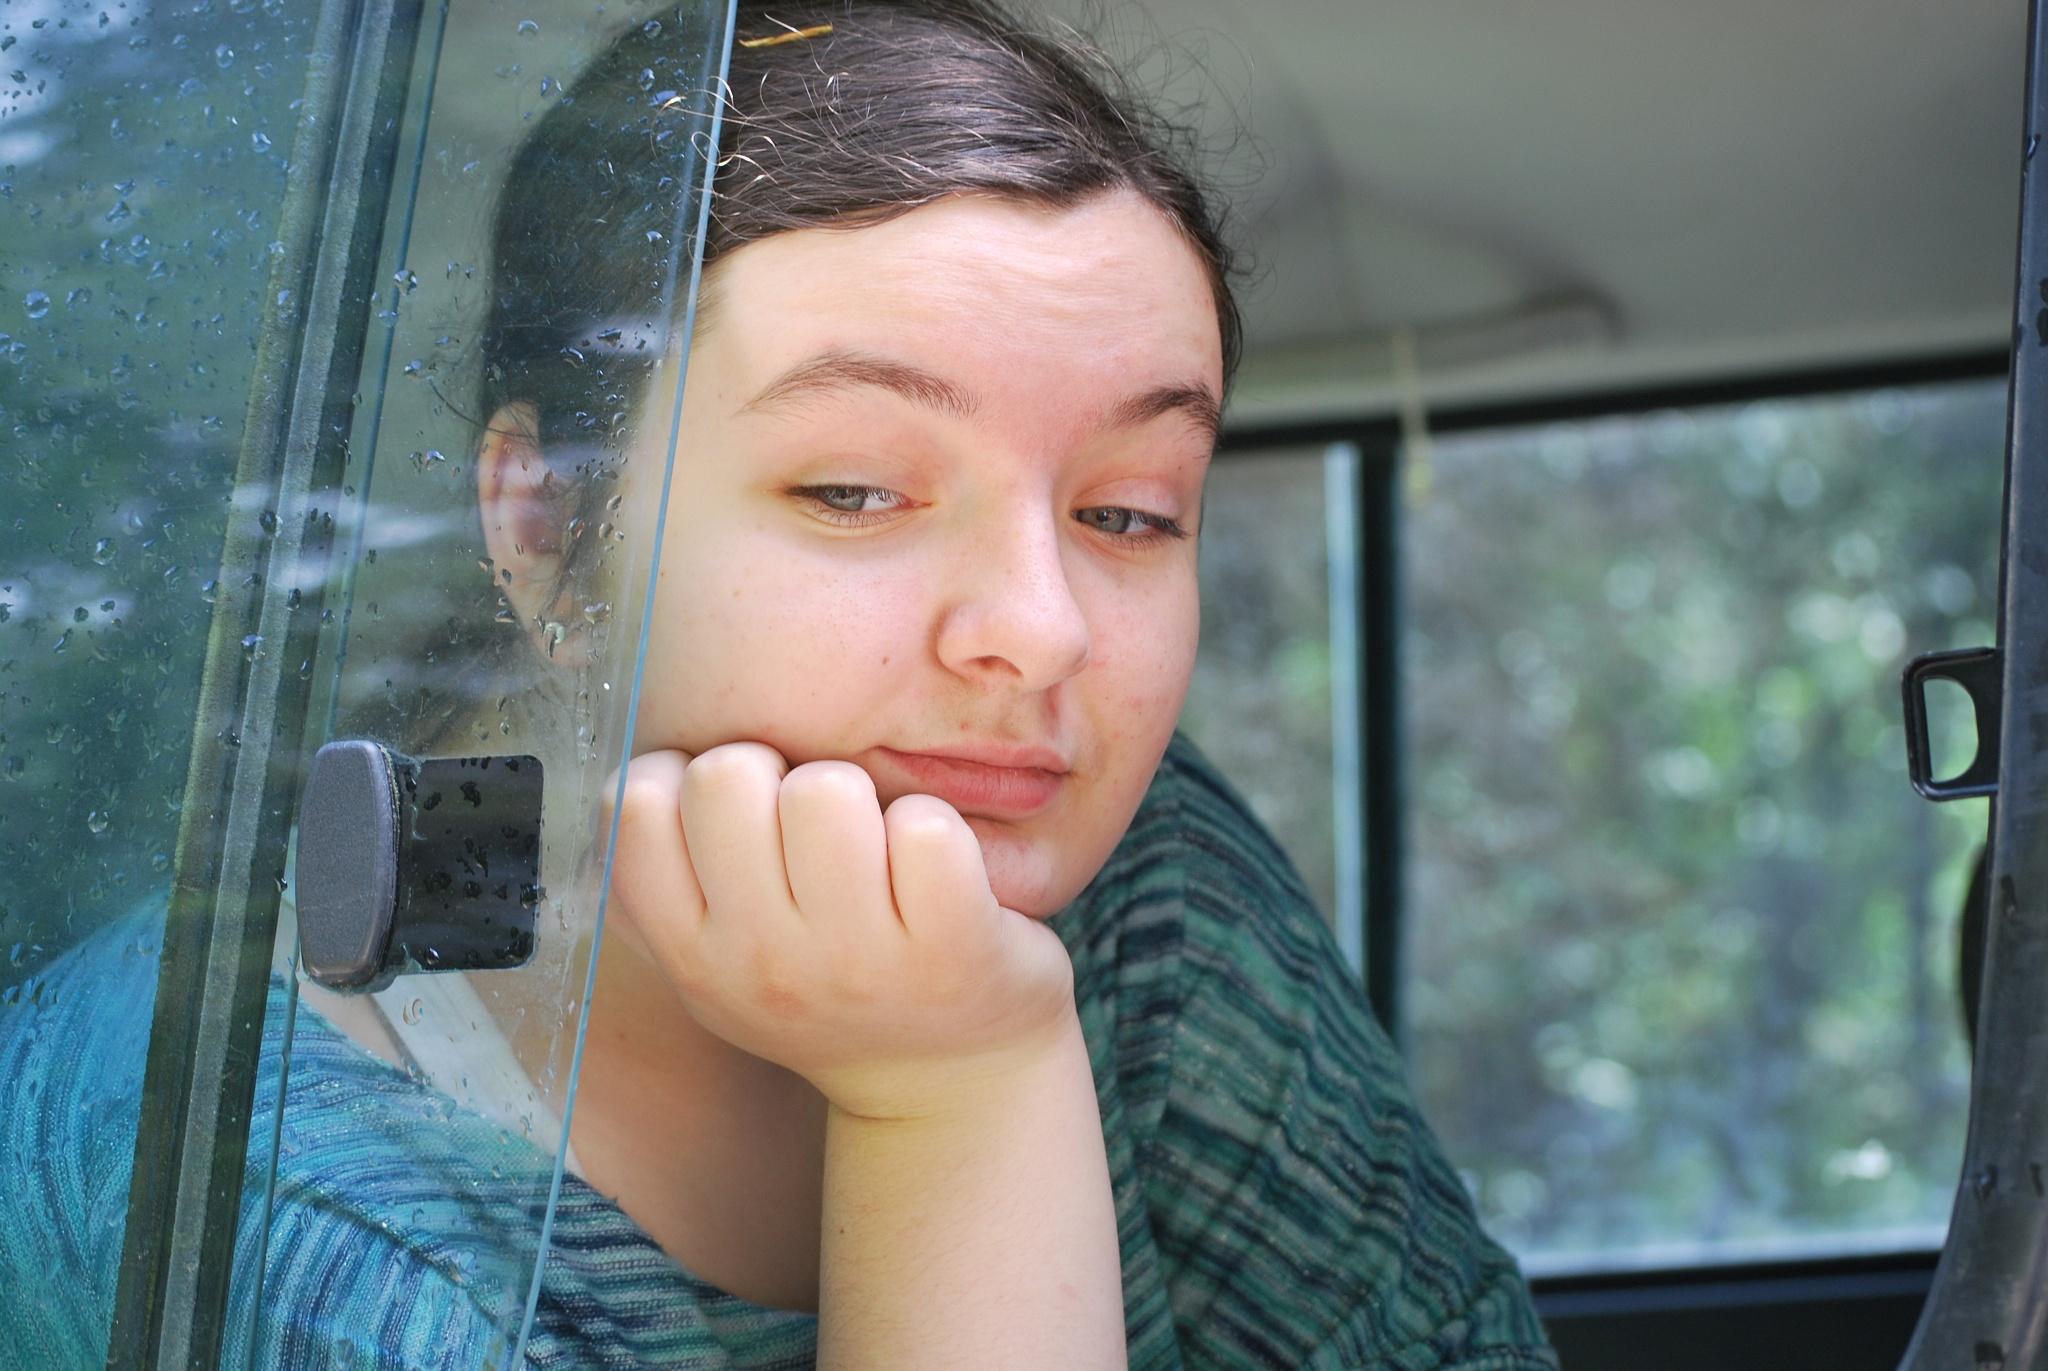 Noelle, day dreamer by marilyn Simkin